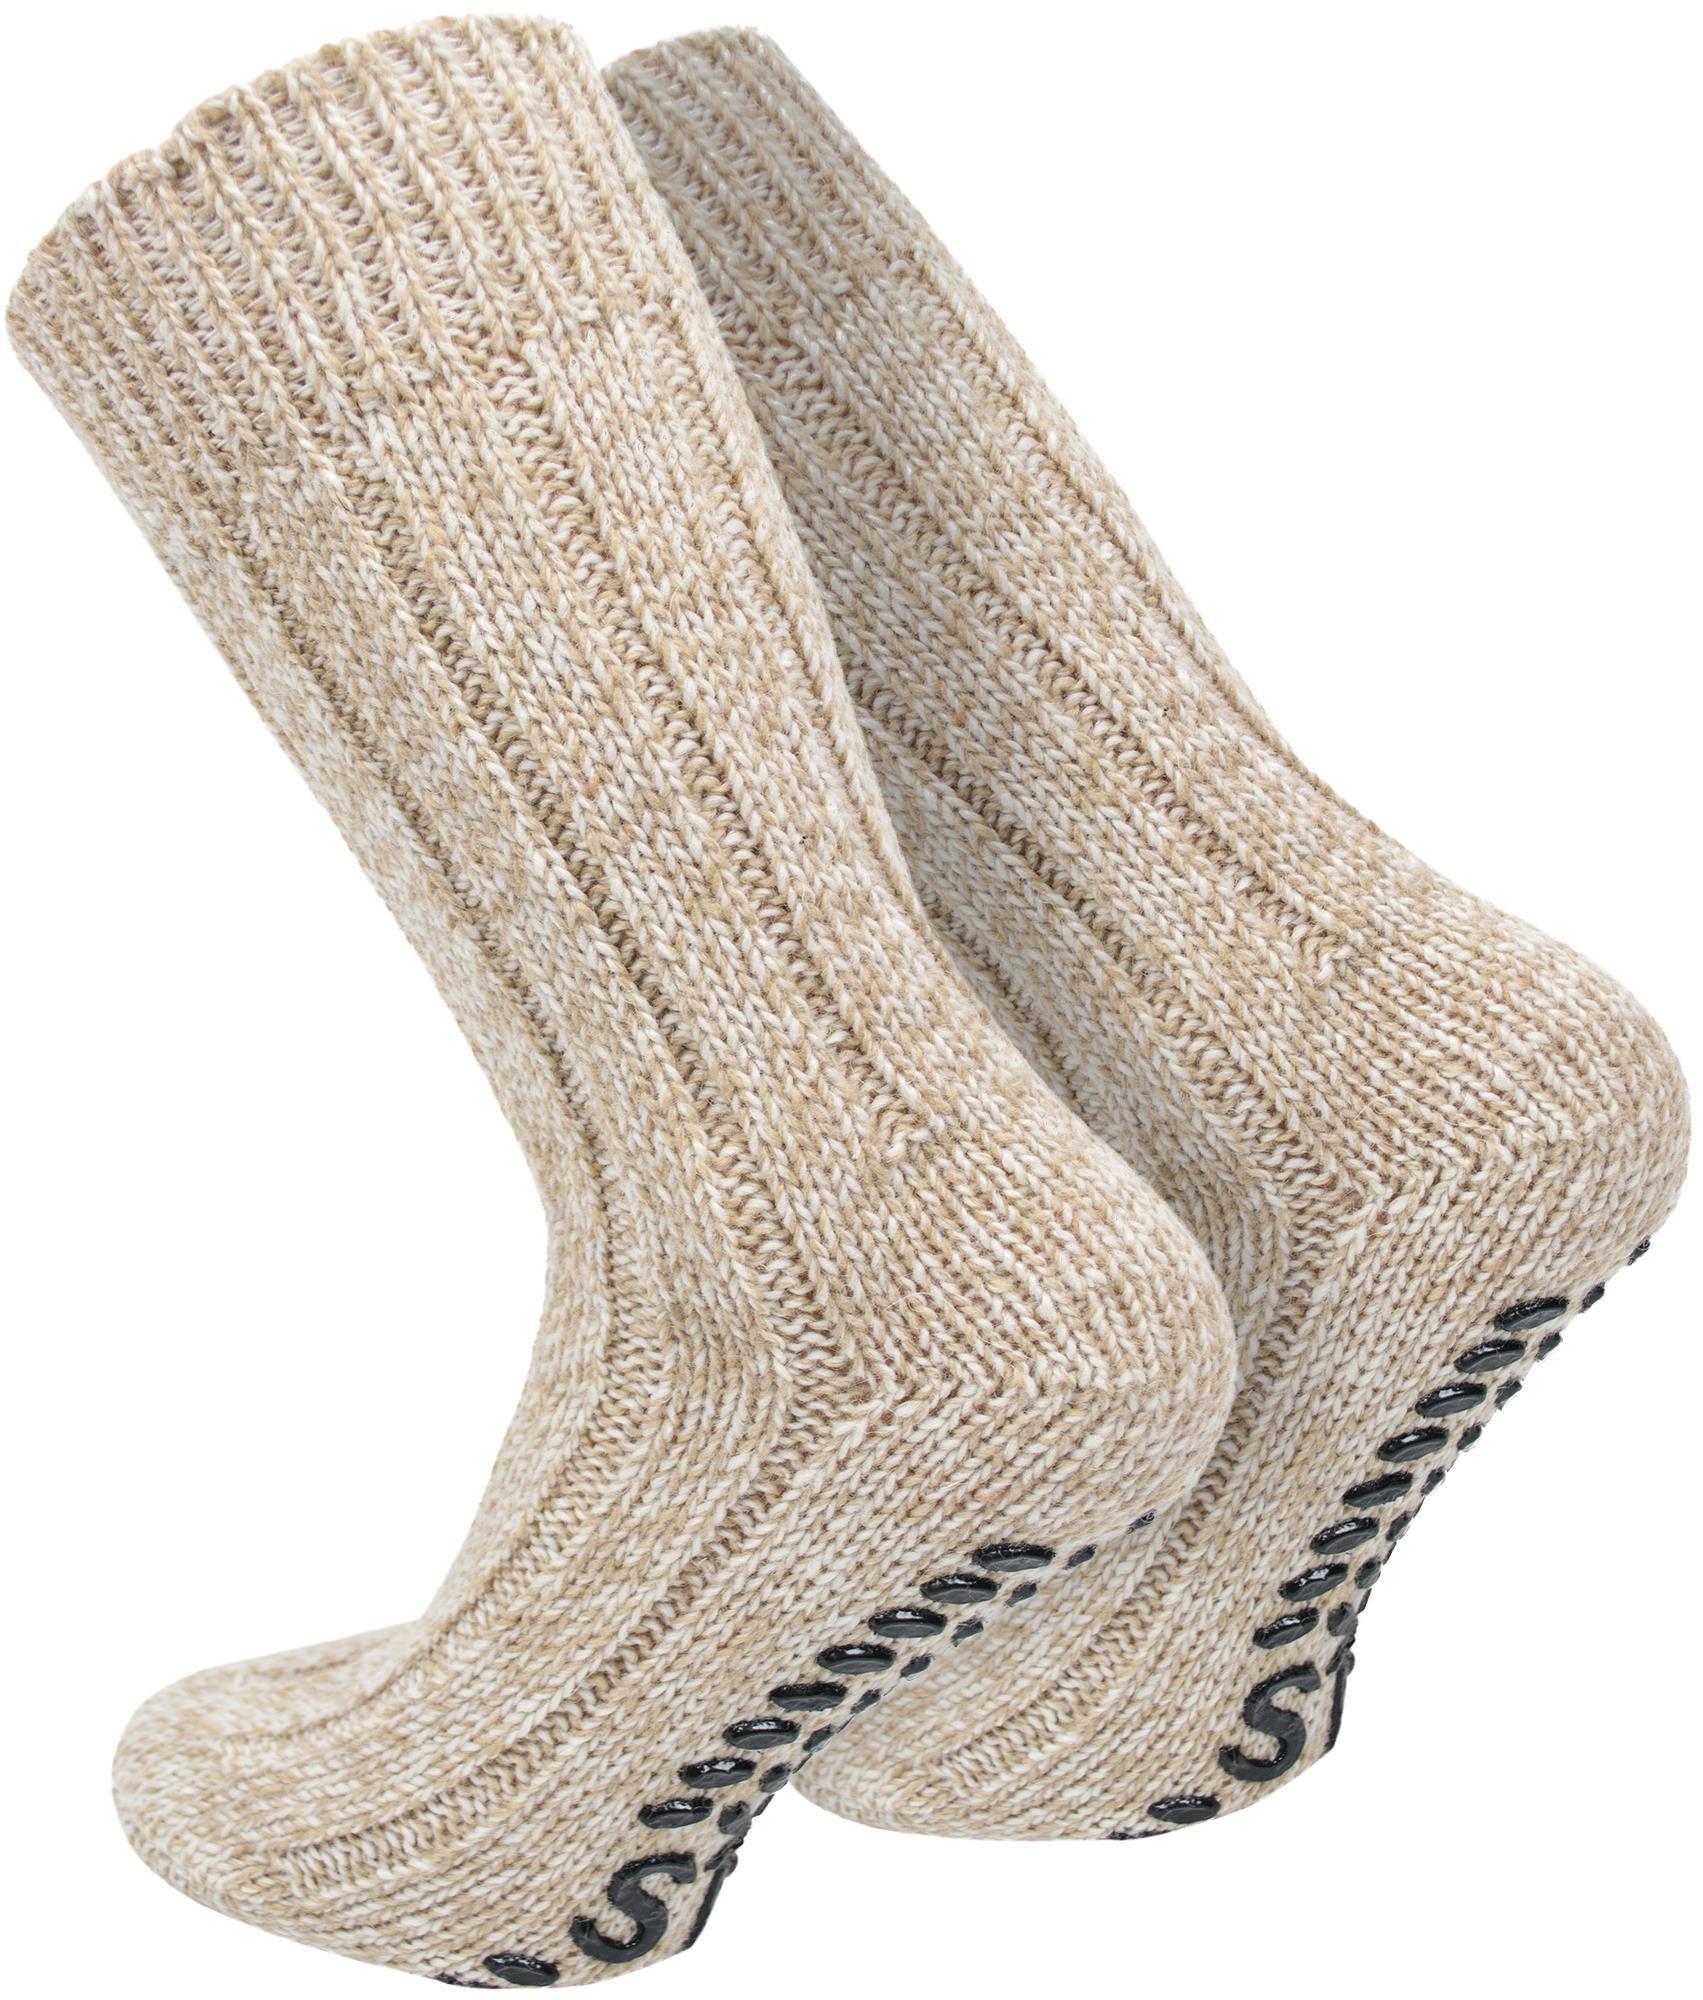 2 paire Normani ® norvégiens-Abs-Chaussettes Avec Laine d/'Chaussettes Homesocks